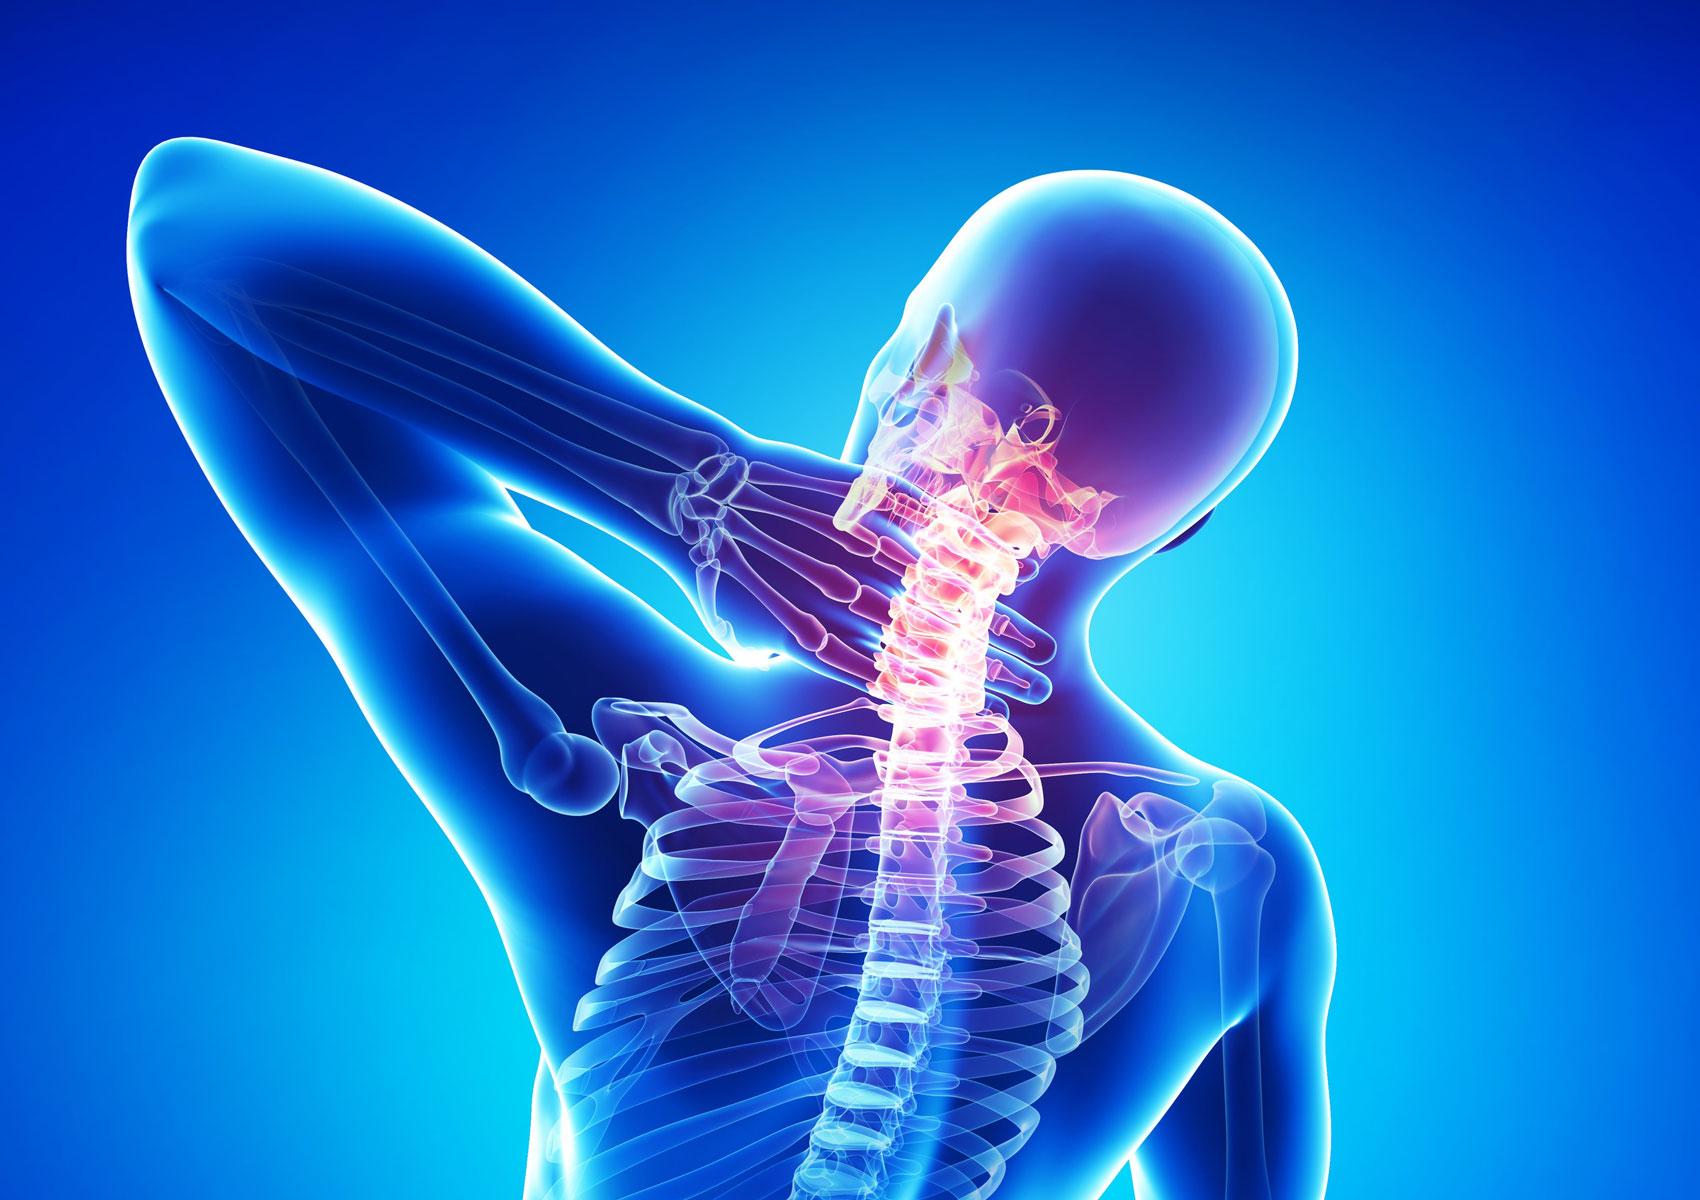 Гимнастика и межпозвоночная грыжа поясничного отдела симптомы и лечение